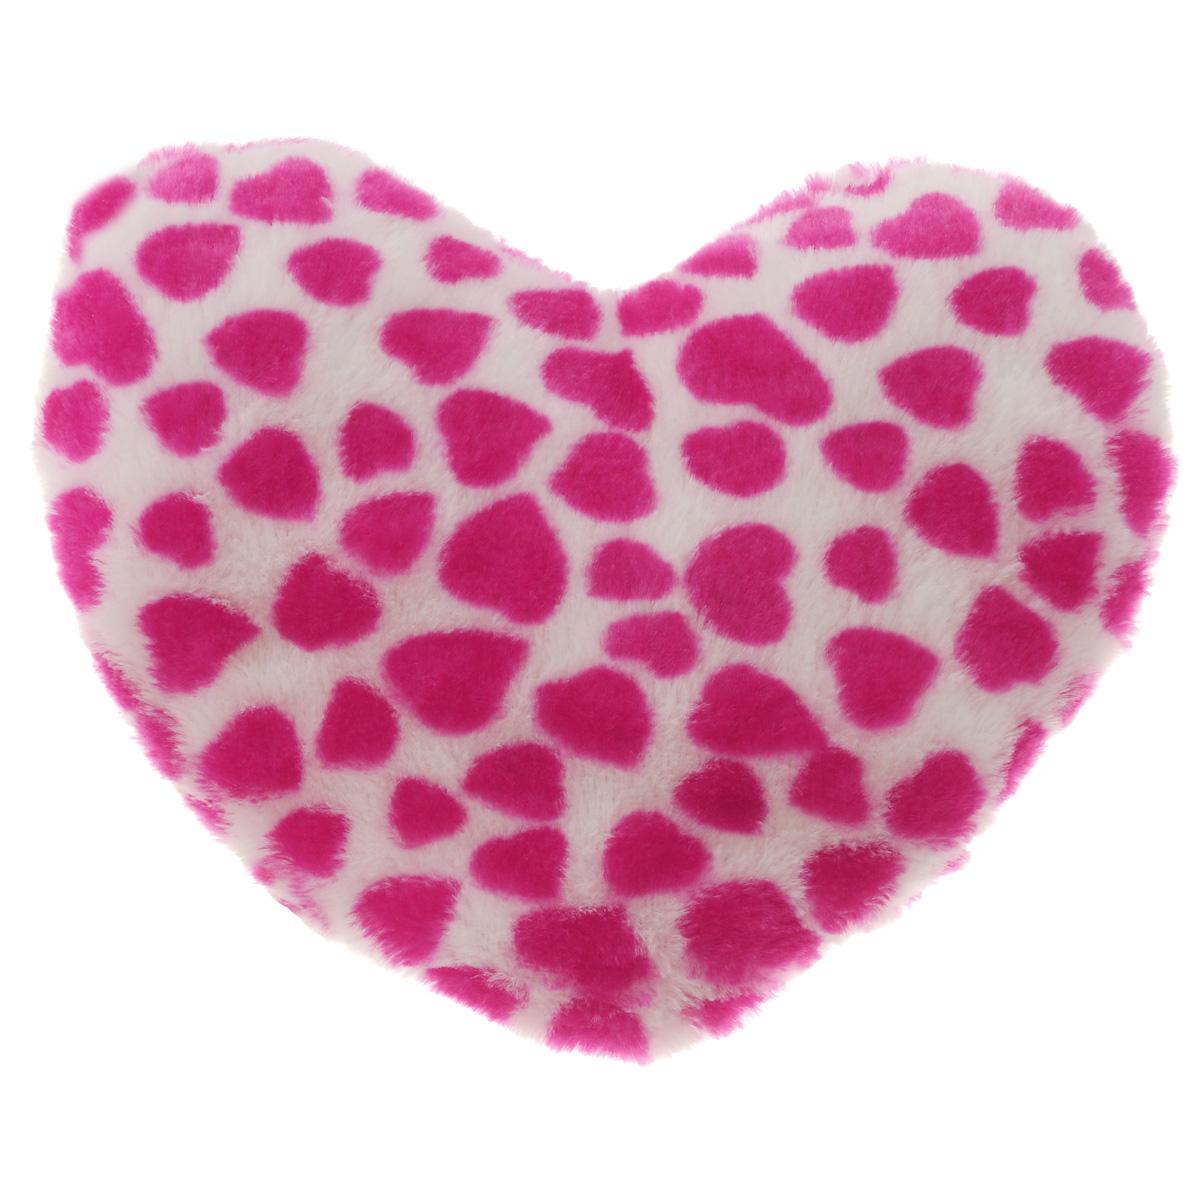 Подушка декоративная Home Queen Сердце в сердечках, 22 см х 22 см64130Декоративная подушка Home Queen Сердце в сердечках станет прекрасным подарком дорогим и любимым людям. Подушка выполнена из мягкого и приятного на ощупь полиэстера с принтом в виде мелких розовых сердечек. Внутри мягкий наполнитель из полиэстера. Размер подушки: 22 см х 22 см х 5 см.